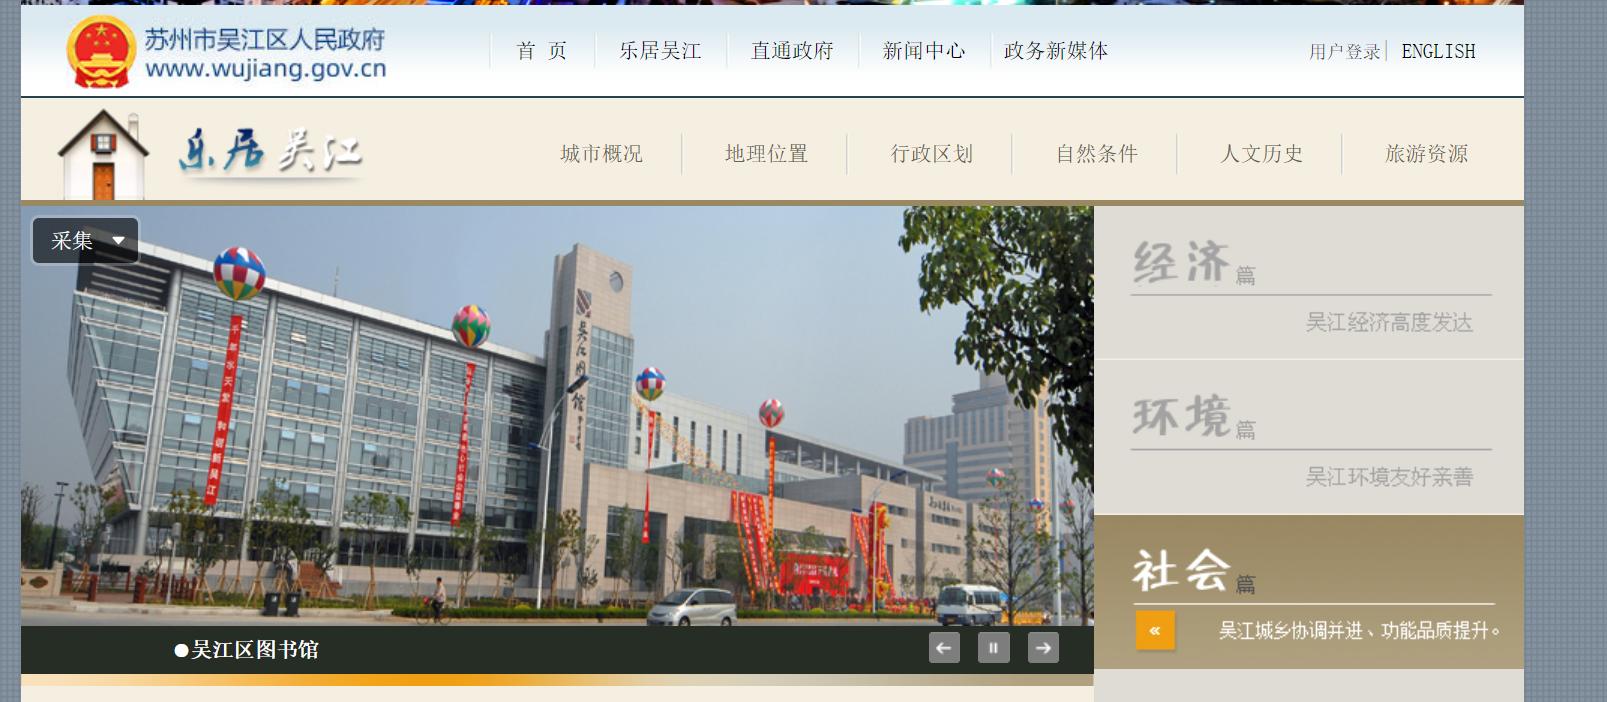 苏州吴江区2021年政府工作报告发布